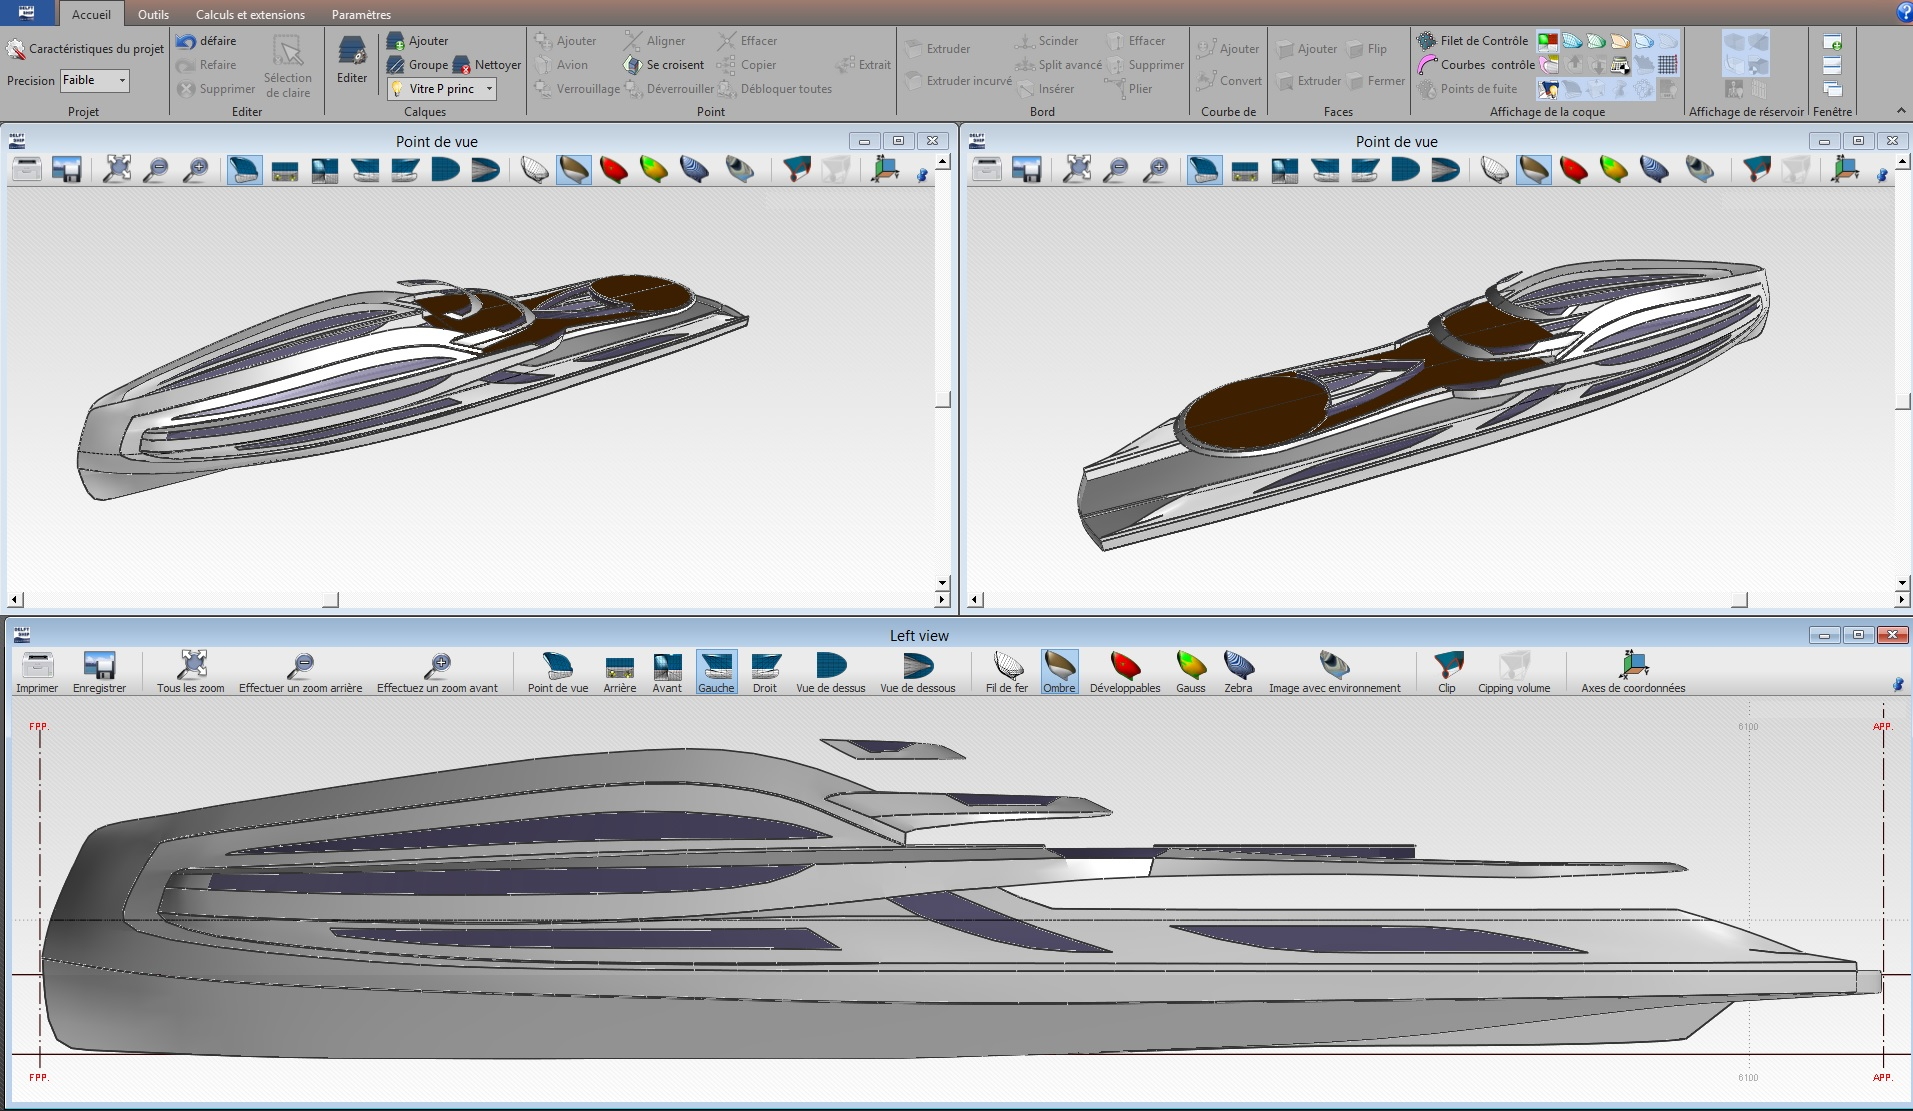 Xbow mega yacht - Page 3 1812310346005350416055144